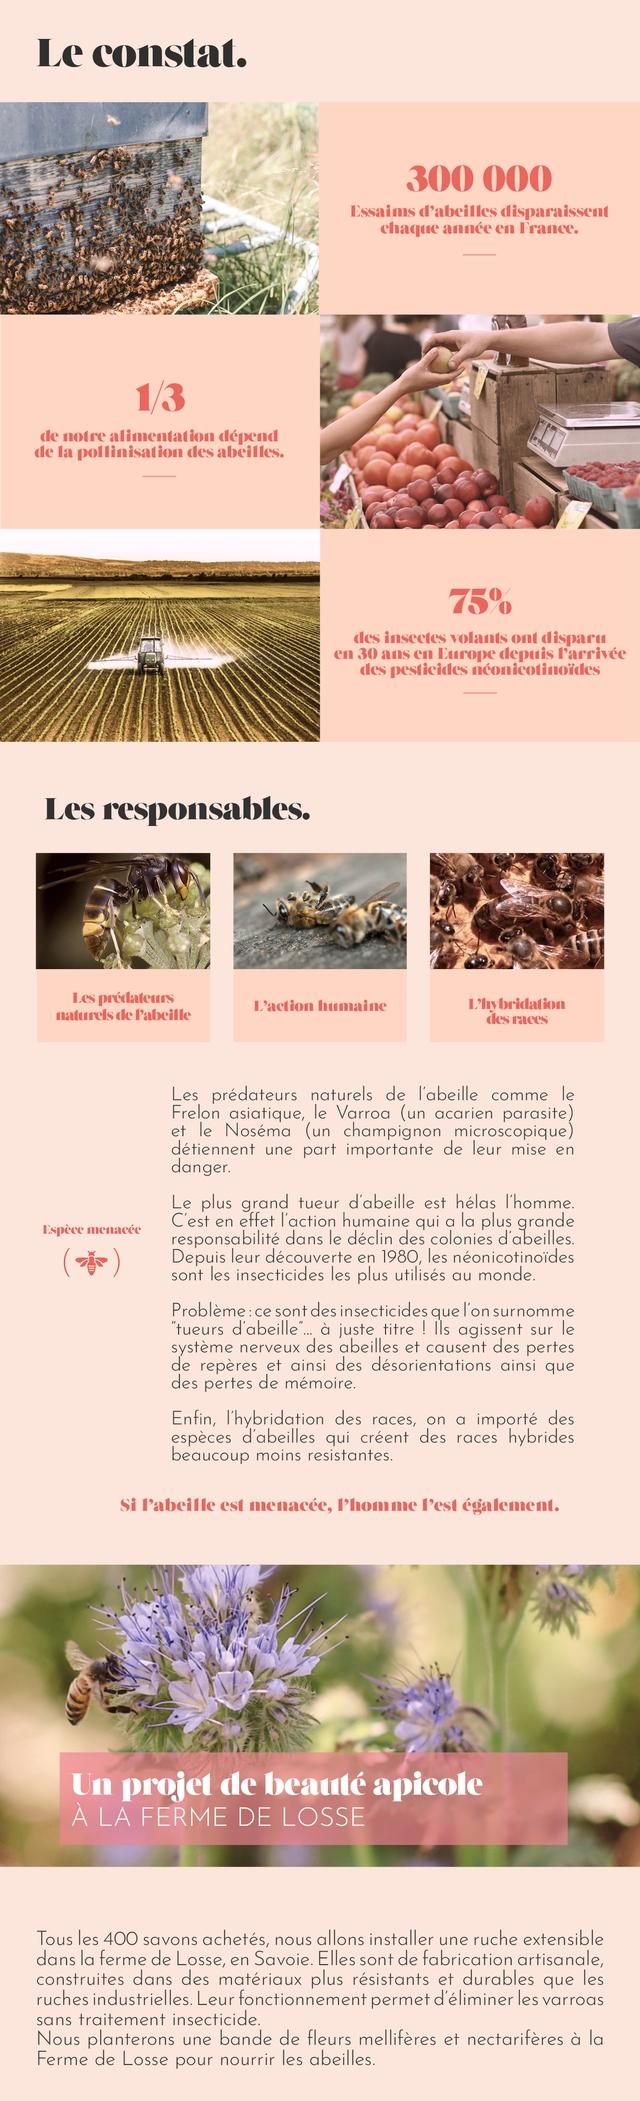 """Le constat. 300 000 Essaims d'abeilles disparaissent chaque annee France. 13 de notre alimentation depend de la pollinisation des abeilles. 75% des insectes volants ont dispart 30 ans Europe depuis T'arrivee des pesticides nconicotinoiides Les responsables. Les predateurs L'action humaine ybridation naturels de Pabeille des Les predateurs naturels de l'abeille comme le Frelon asiatique, e Varroa (un acarien parasite) et le Nosema (un champignon microscopique) detiennent une part importante de leur mise en danger Le plus grand tueur d'abeille est helas I'homme Espece menacee C'est en effet l'action humaine qui a la plus grande responsabilite dans e declin des colonies d abeilles Depuis leur decouverte en 1980 les neonicotinoides sont les insecticides les plus utilises au monde. Probleme ce sont des insecticides que onsurnomme """"tueurs d'abeille"""". a juste titre Ils agissent sur le systeme nerveux des abeilles et causent des pertes de reperes et ainsi des desorientations ainsi que des pertes de memoire. Enfin, I'hybridation des races, on a importe des especes 'abeilles qui creent des races hybrides beaucoup moins resistantes. Si I'abeille est menacee, I'homme I'est egalement. Un projet de beaute apicole LA FERME DE LOSSE Tous les 400 savons achetes, nous allons installer une ruche extensible dans la ferme de Losse, en Savoie Elles sont de fabrication artisanale, construites dans des materiaux plus resistants et durables que les ruches industrielles Leur fonctionnement permet d'eliminer les varroas sans traitement insecticide Nous planterons une bande de fleurs melliferes et nectariferes a la Ferme de Losse pour nourrir les abeilles."""